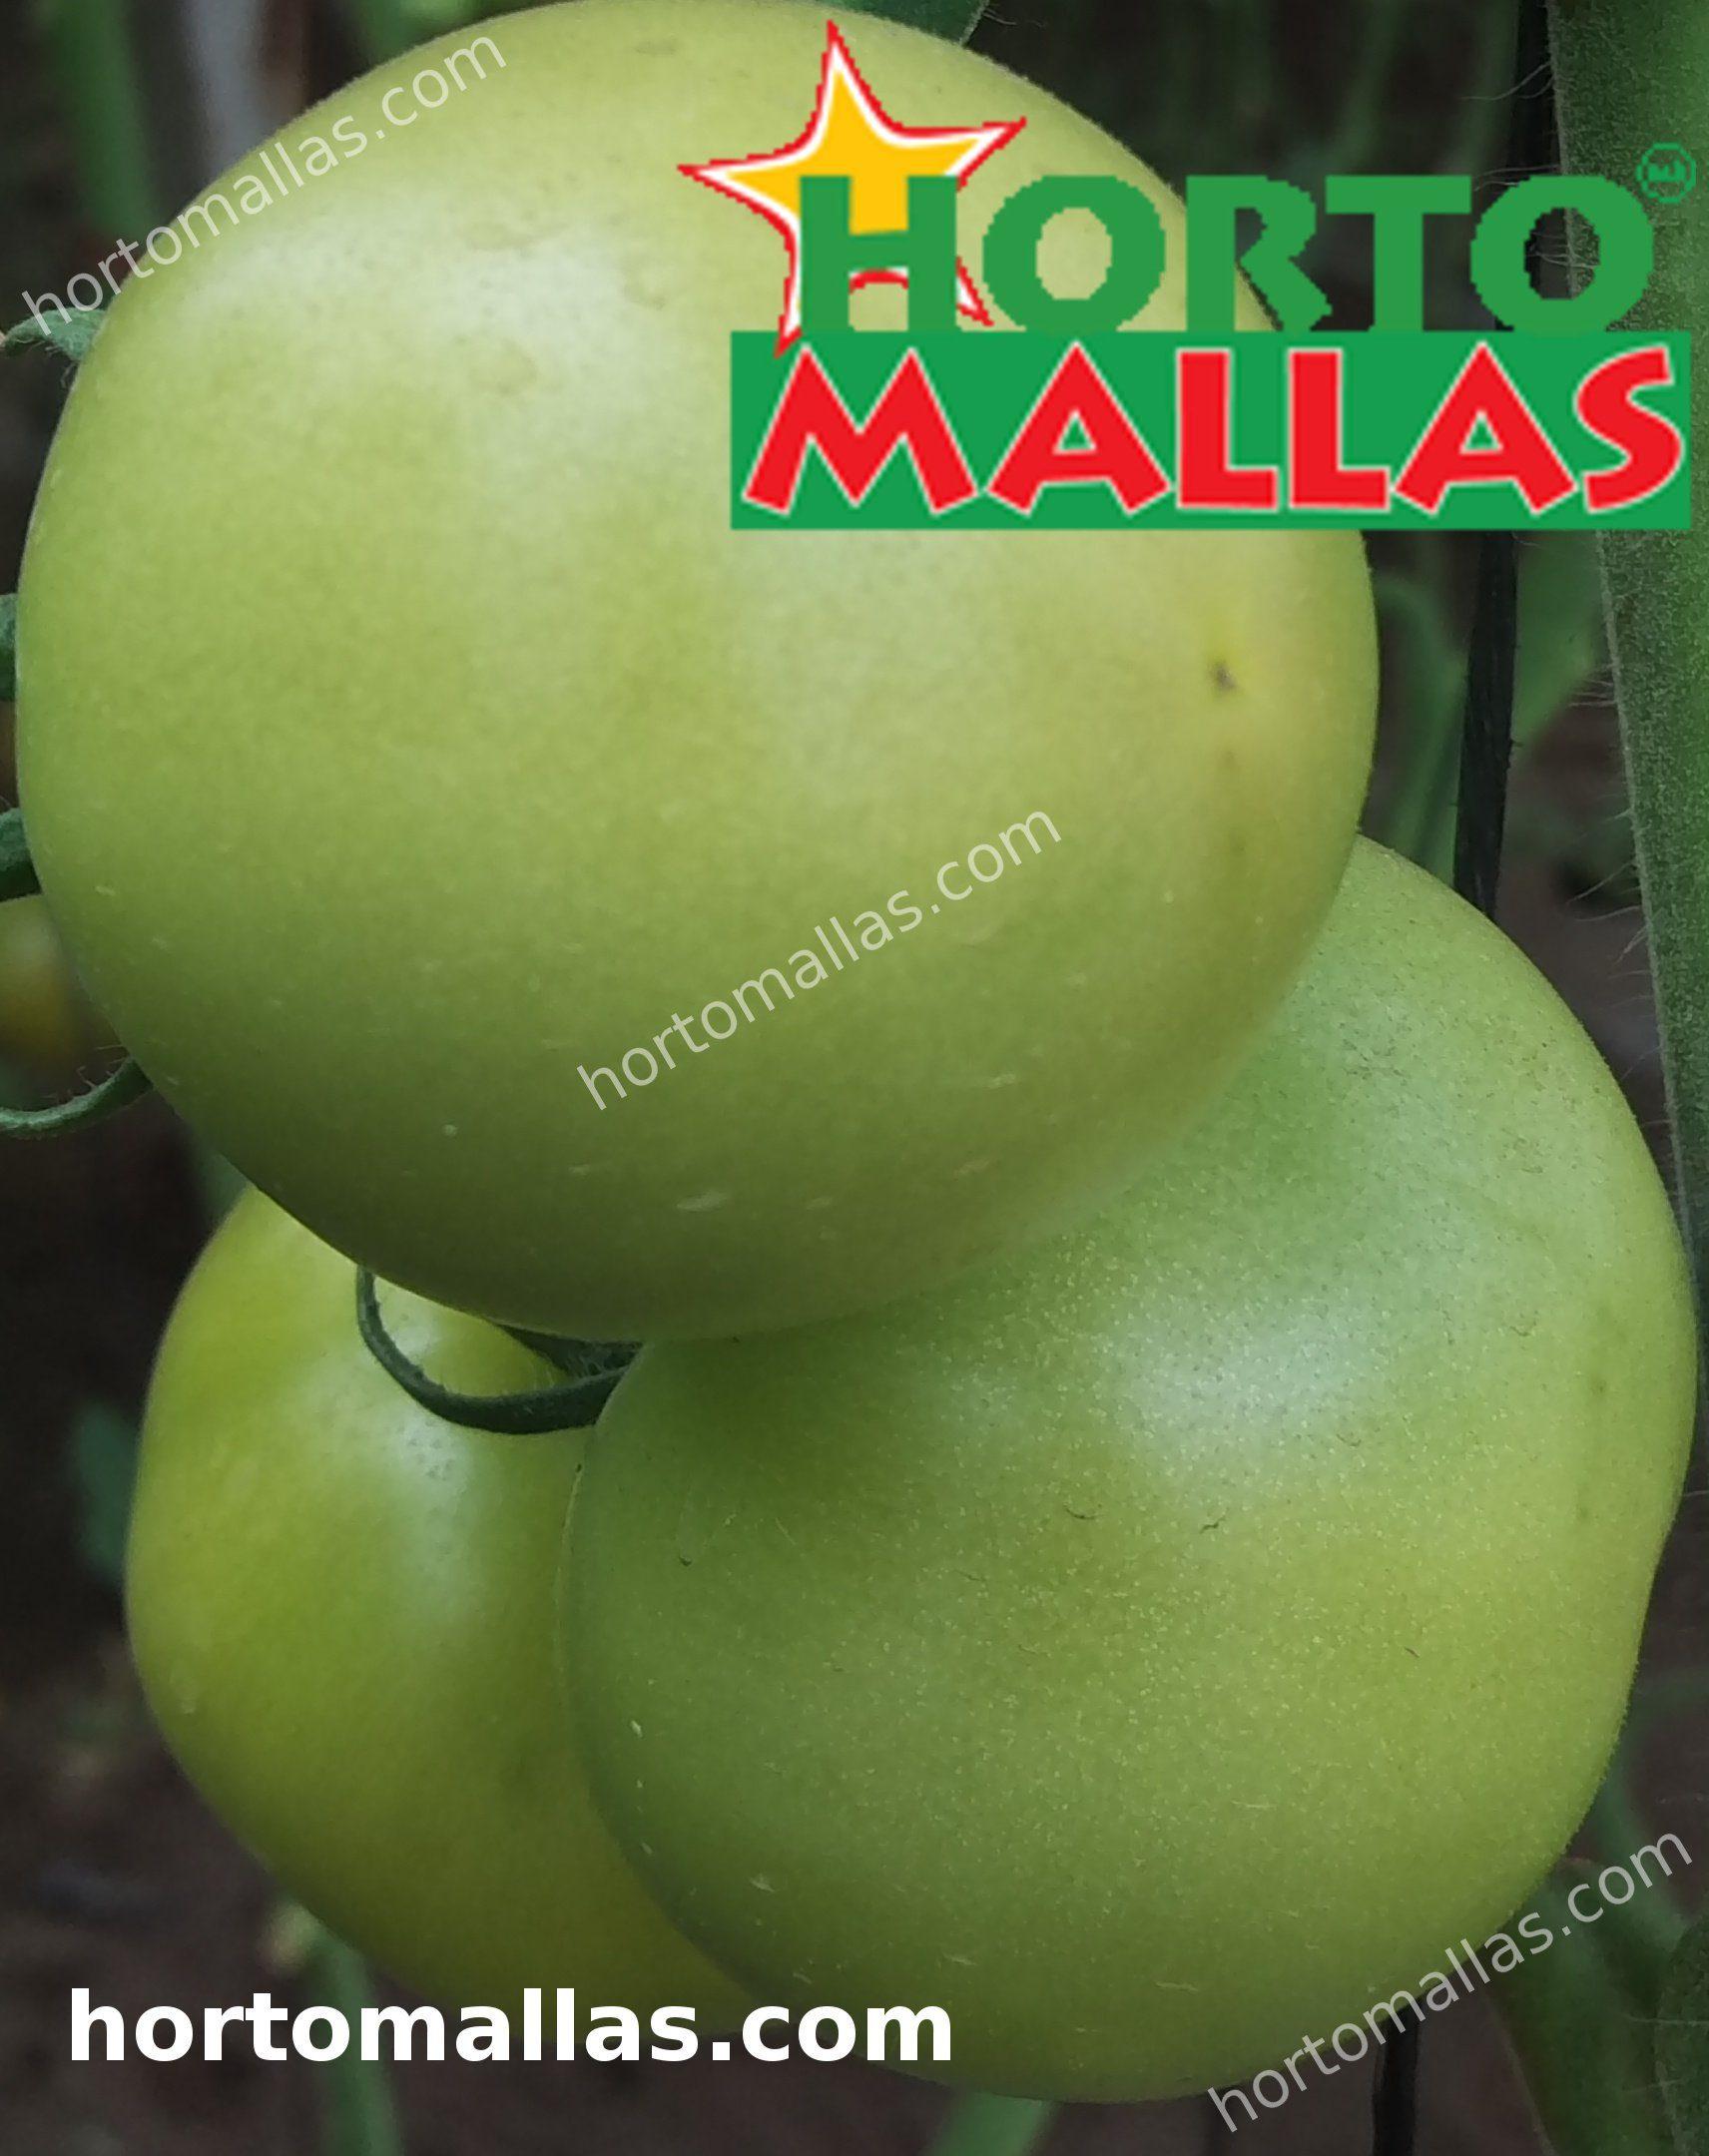 planta de tomate usando rede de apoio HORTOMALLAS